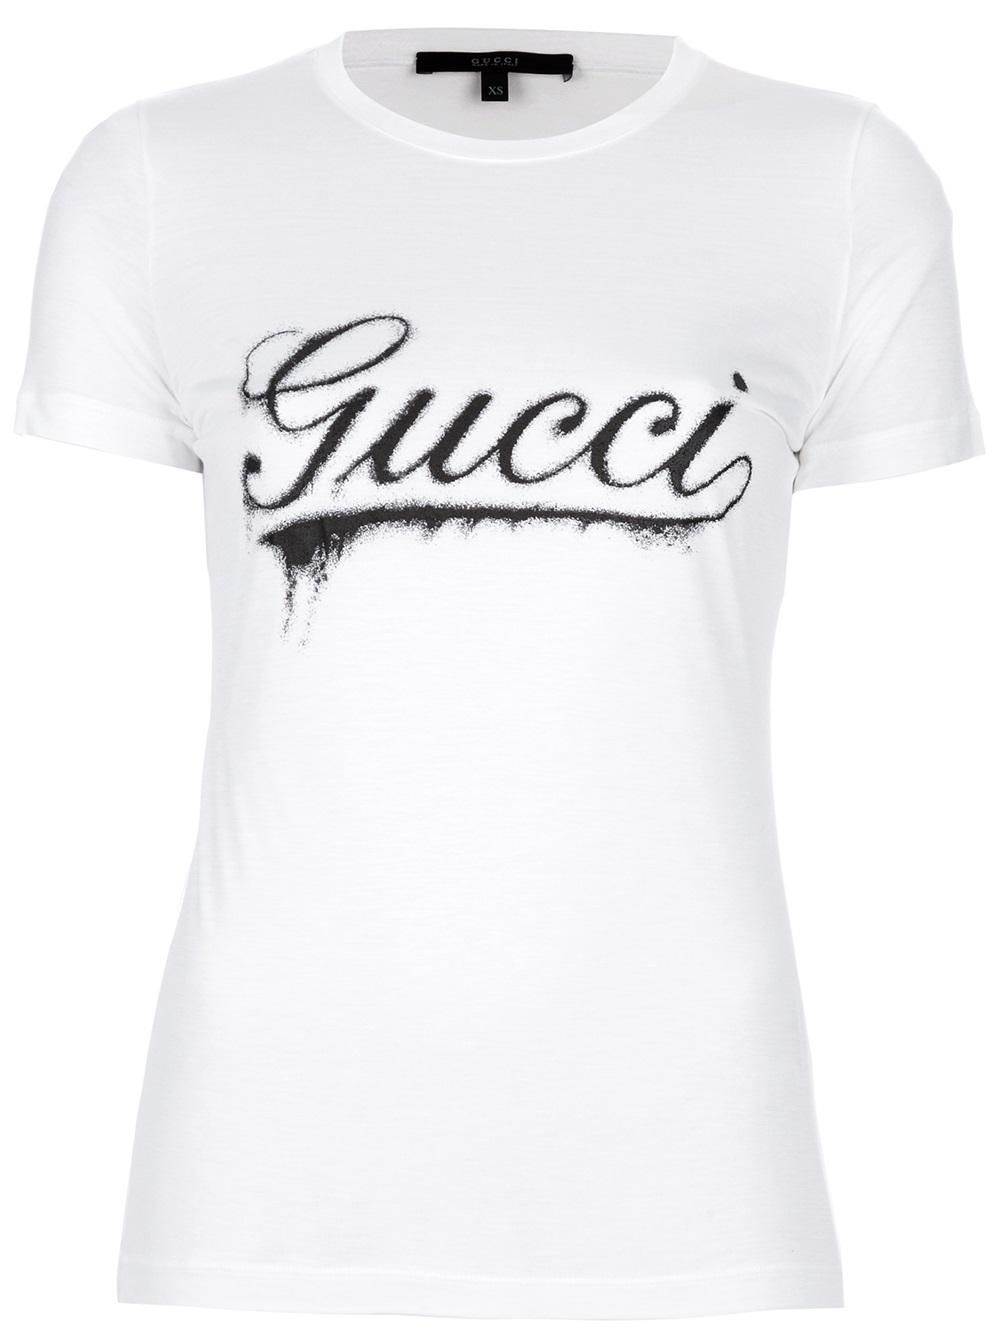 Nike Shirt For Women